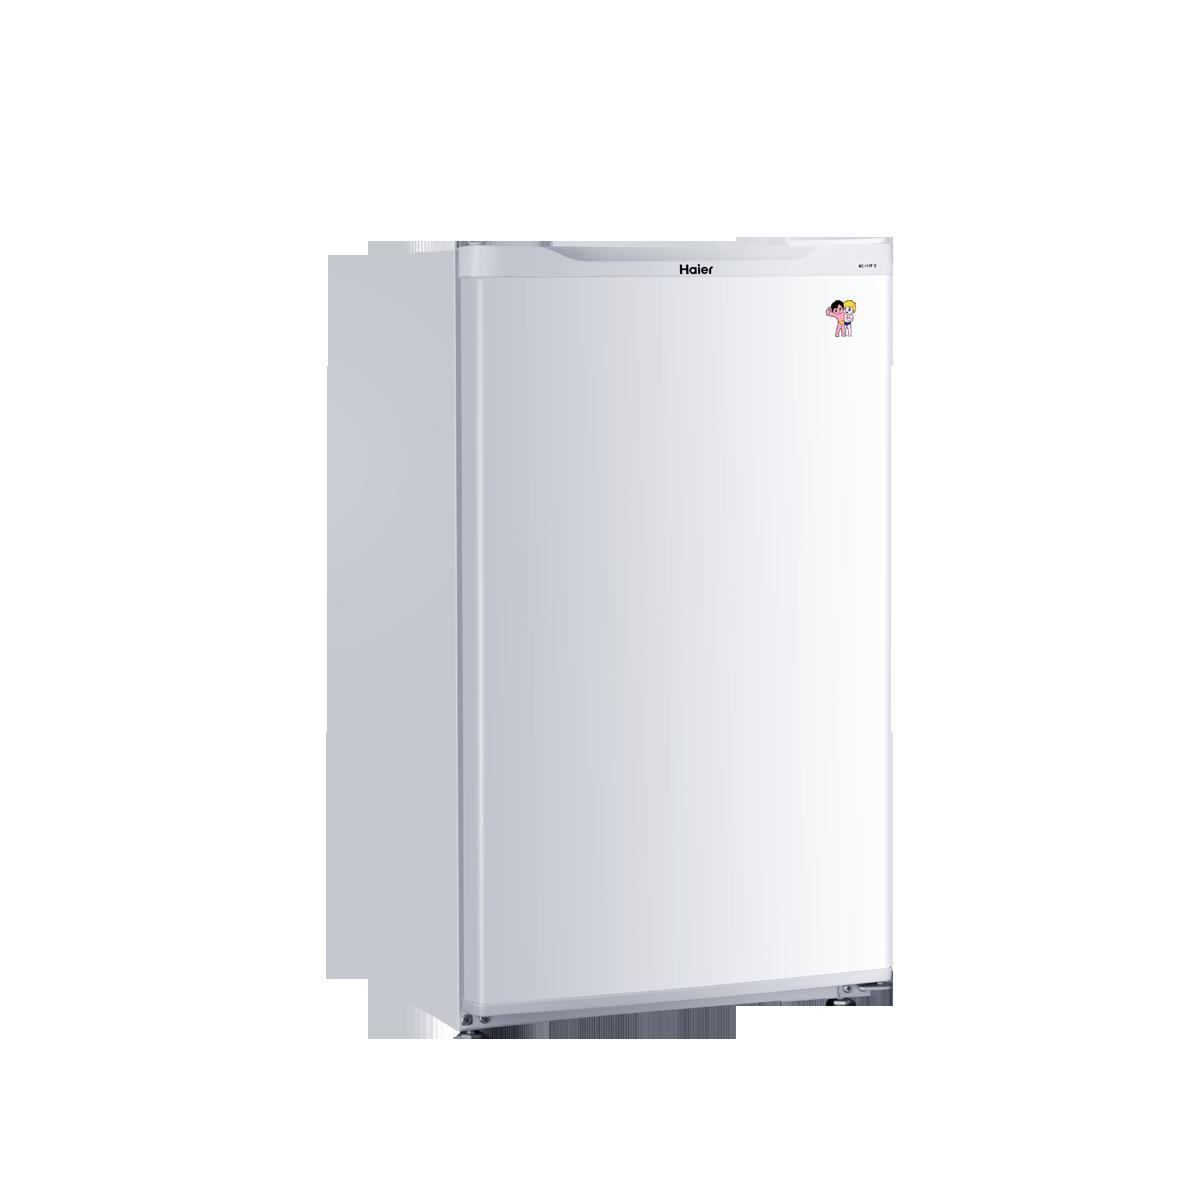 海尔干湿分储冰箱怎样 海尔干湿分储冰箱